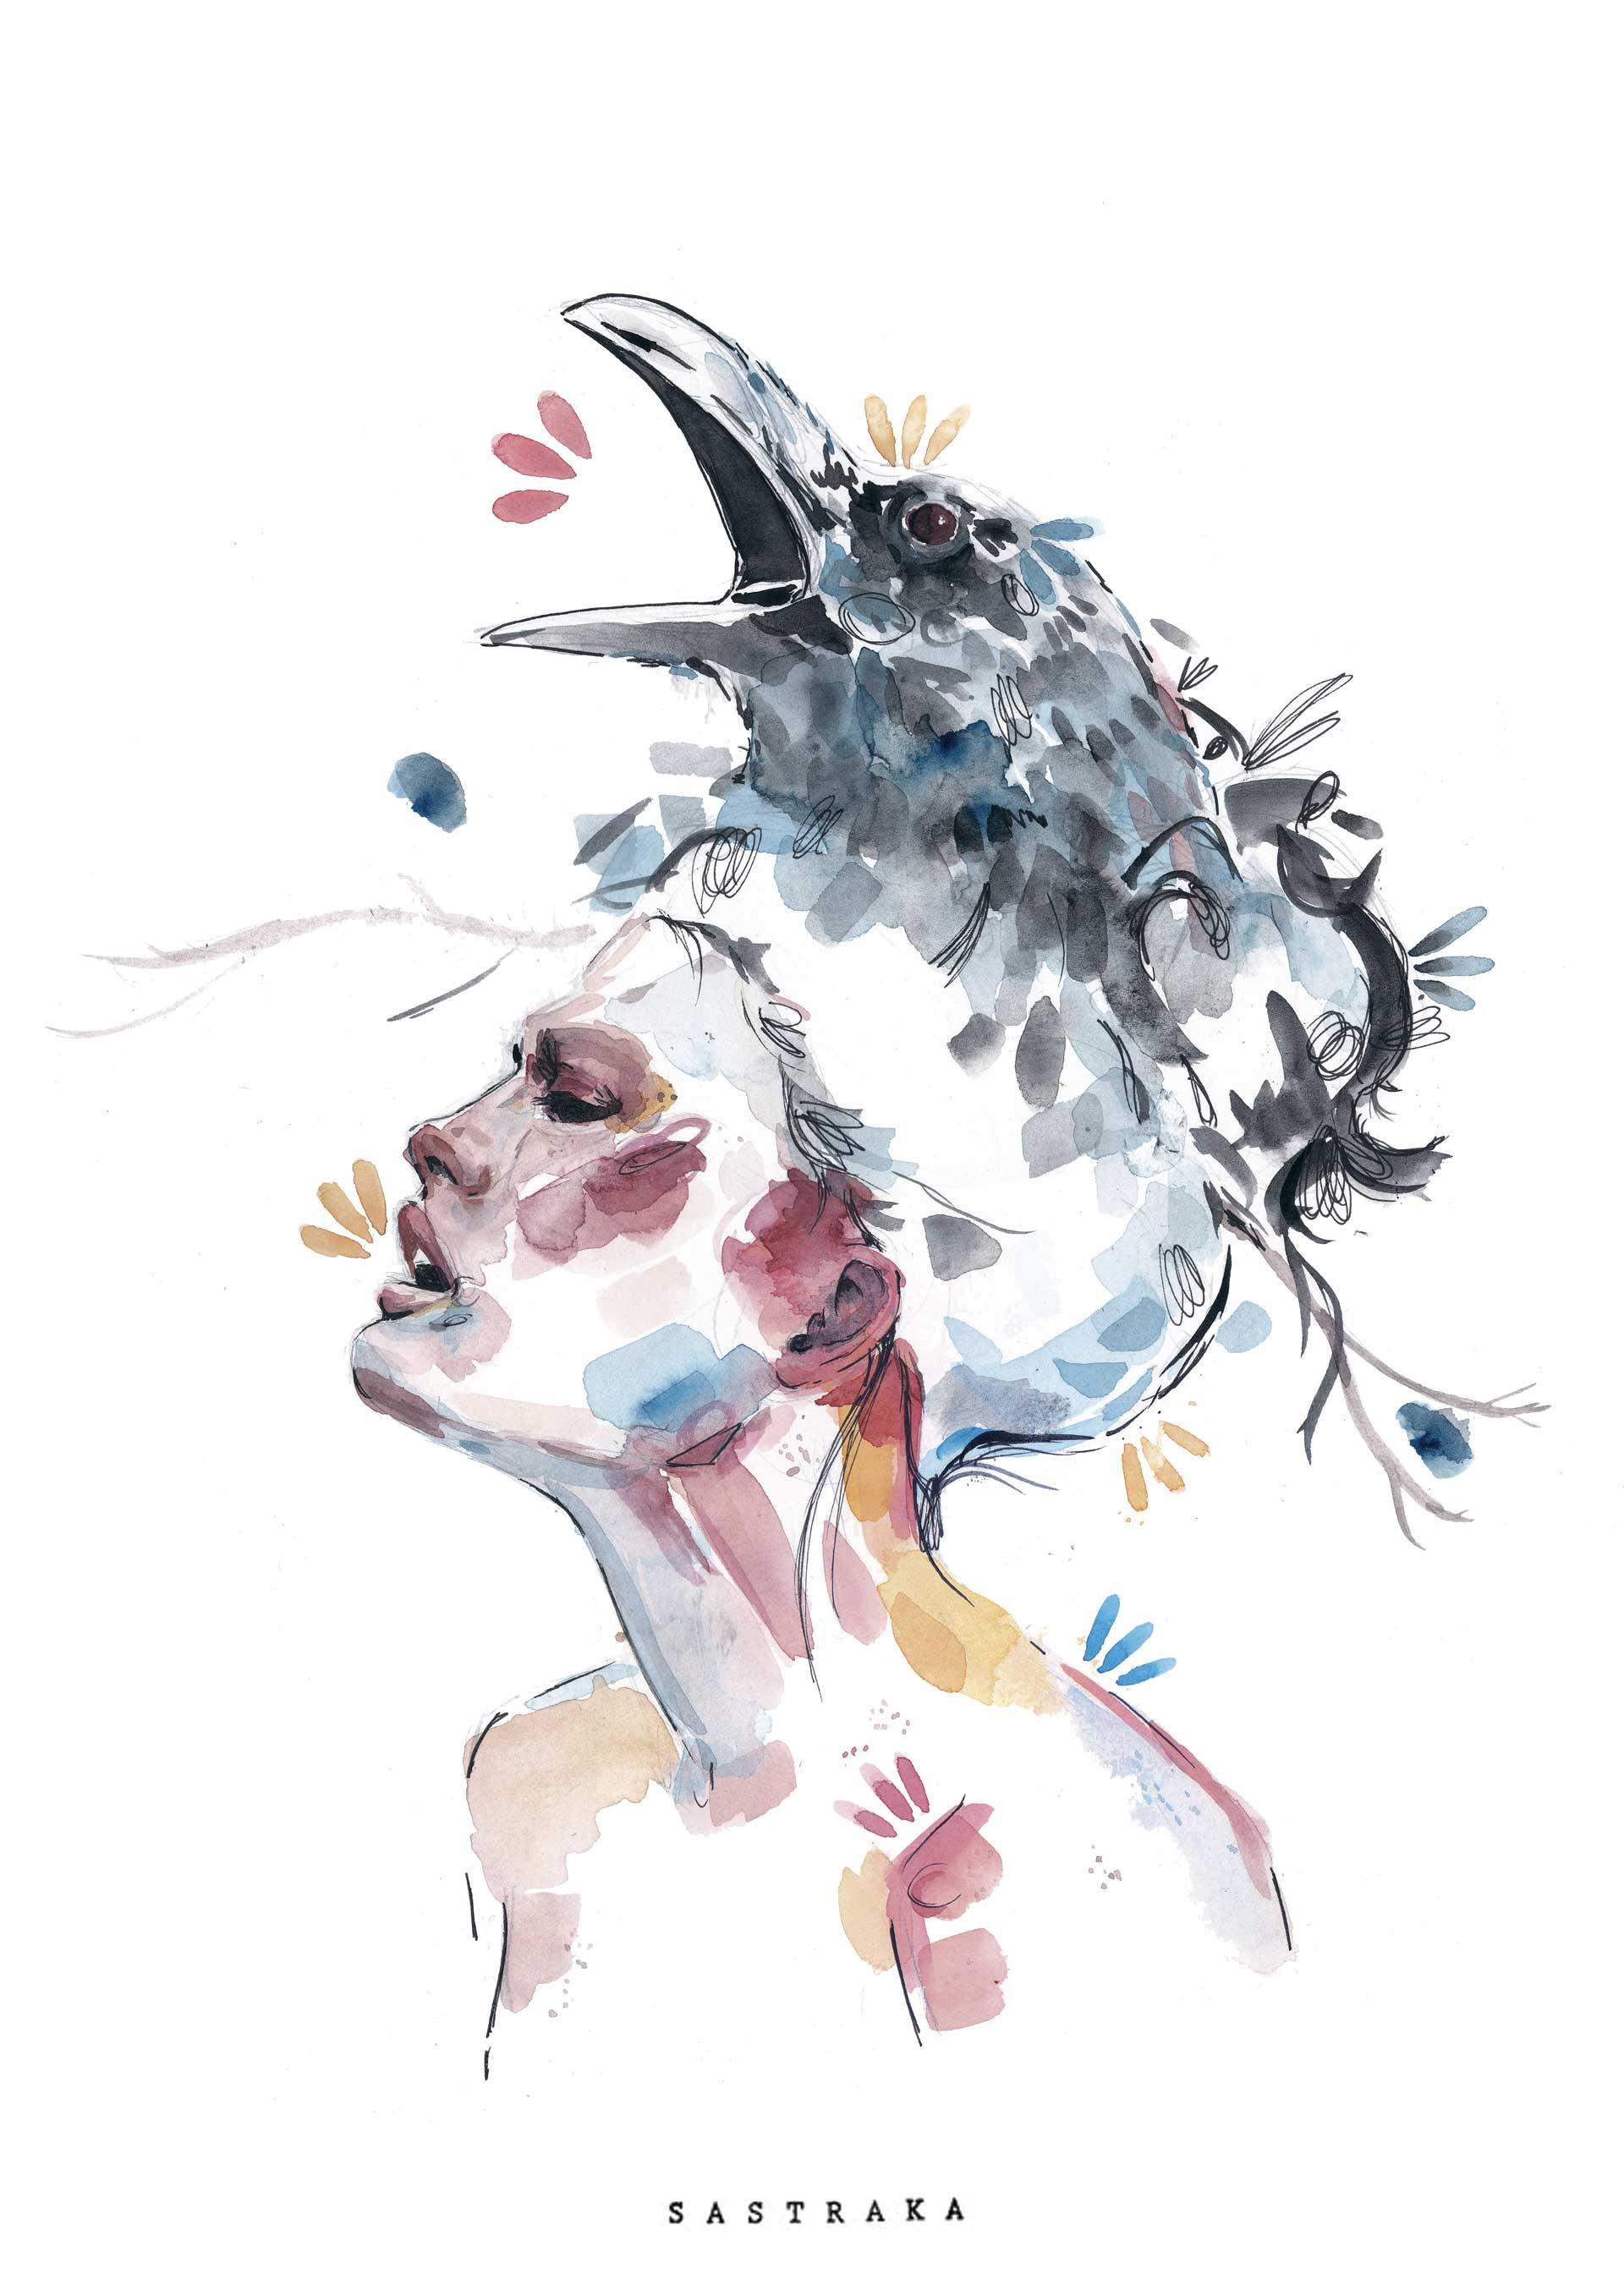 hambre, Carolina Corvilloren Hambre de Pájaro libururako ilustrazioa, sastraka